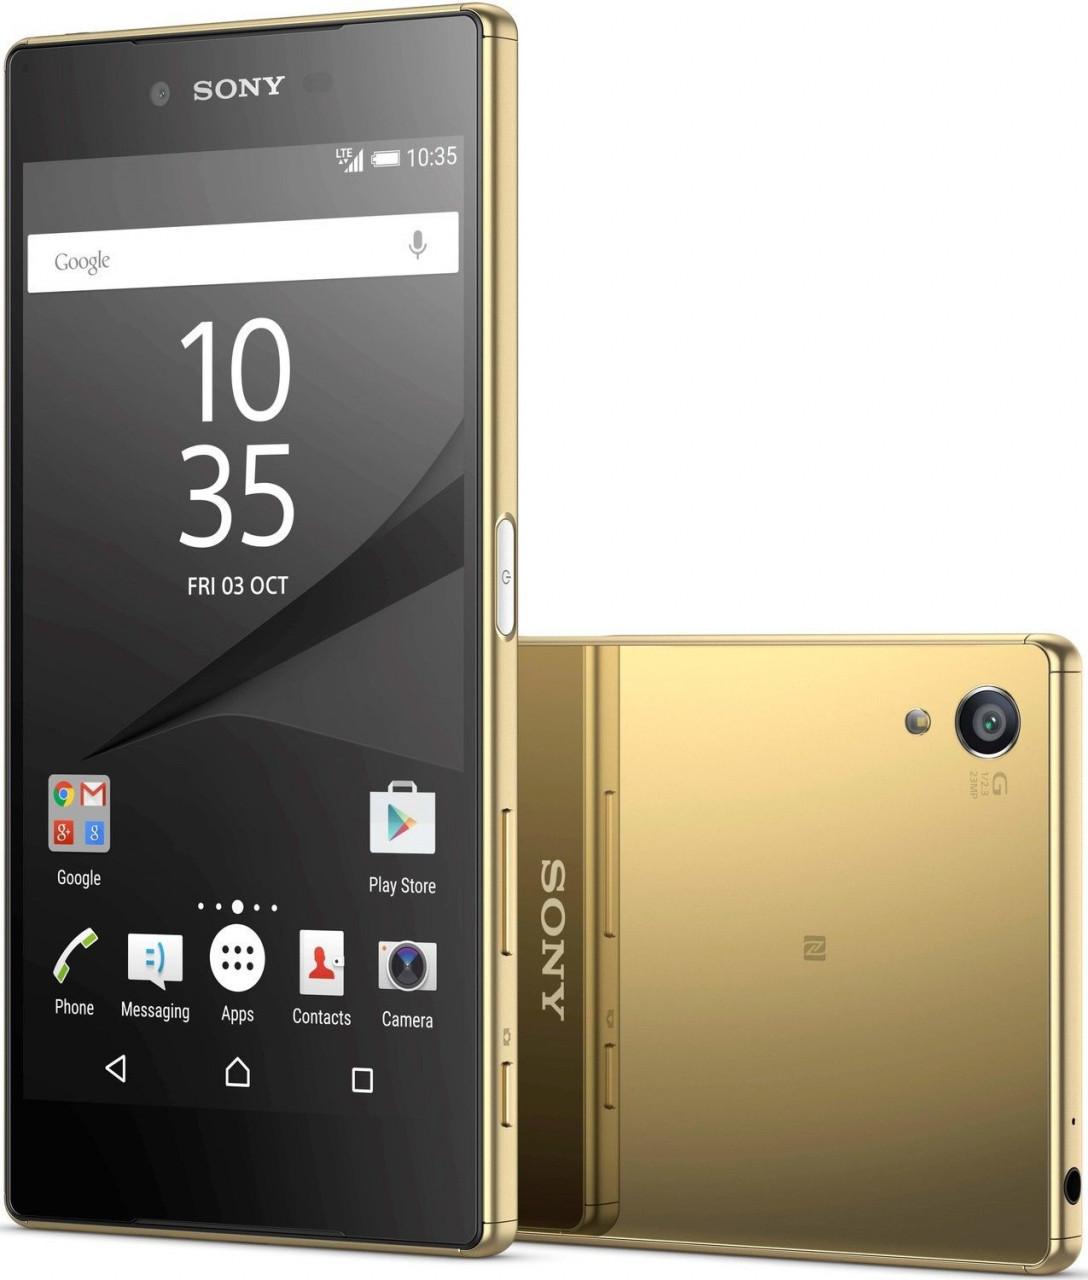 Sony Xperia Z5 Sov32 Au C Price In Pakistan Home Shoppi Nokia 5 3gb 16gb Ram Hitam